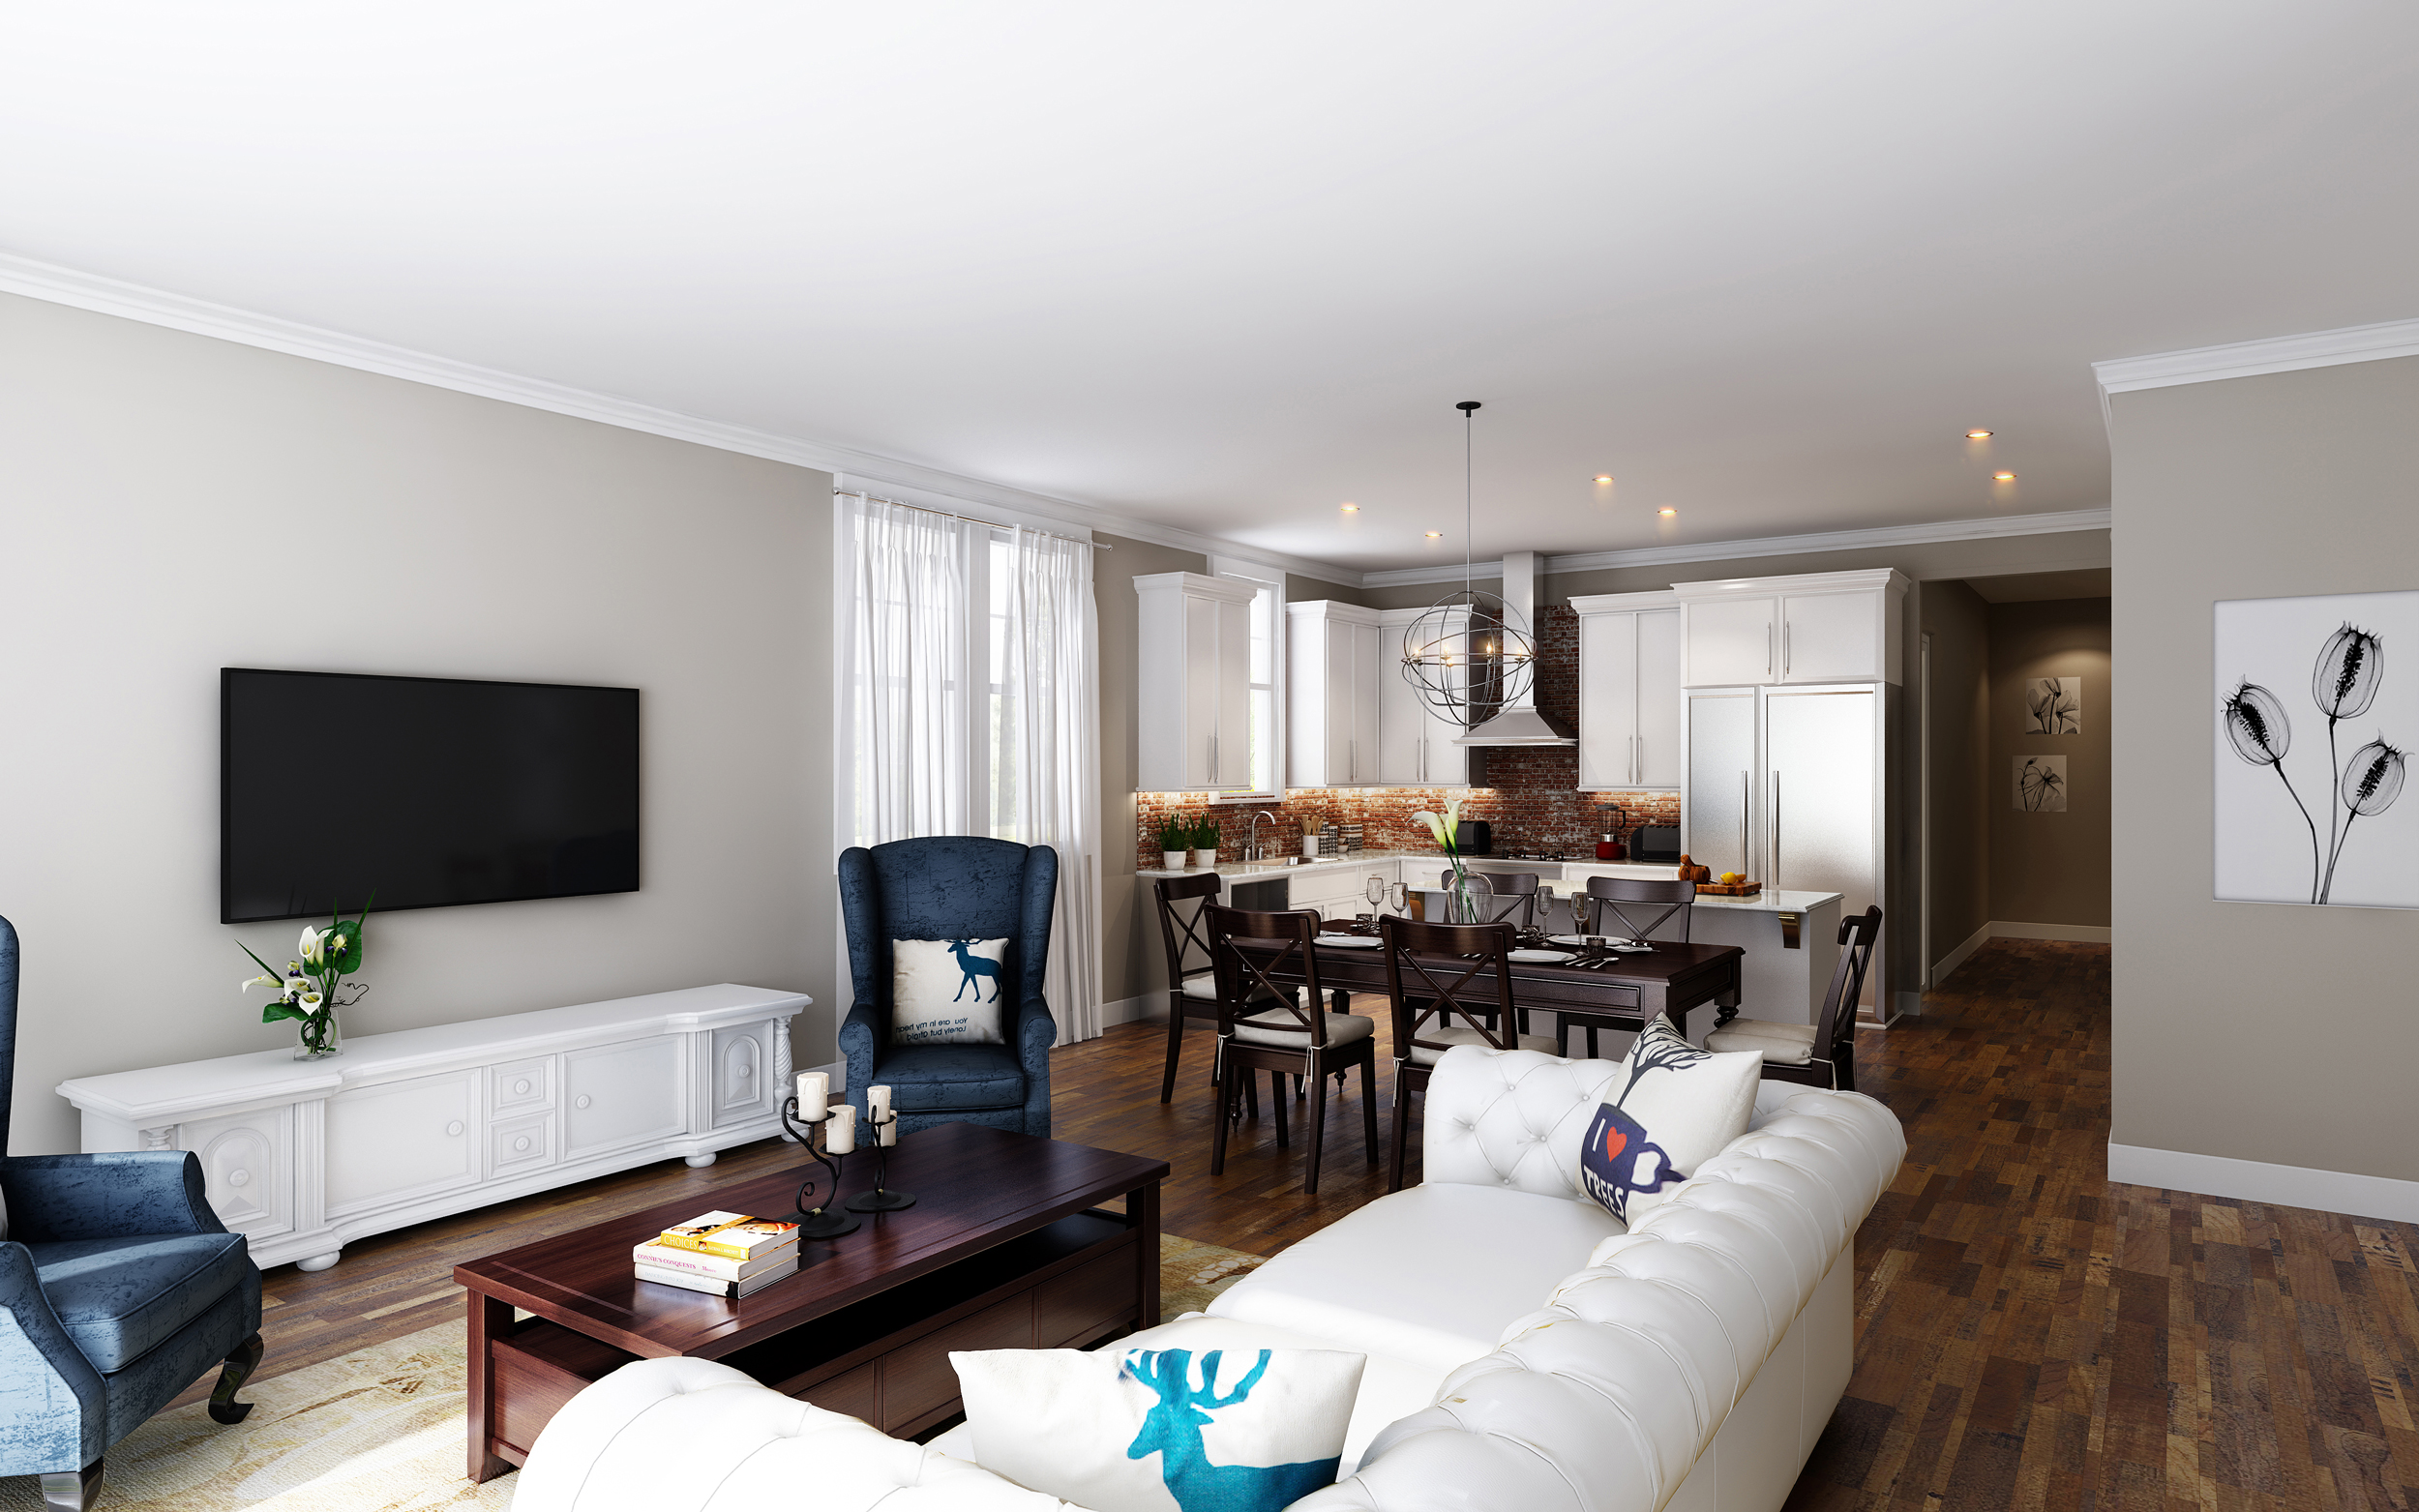 McClintock-Corners-Living-Room-Rendering.jpg